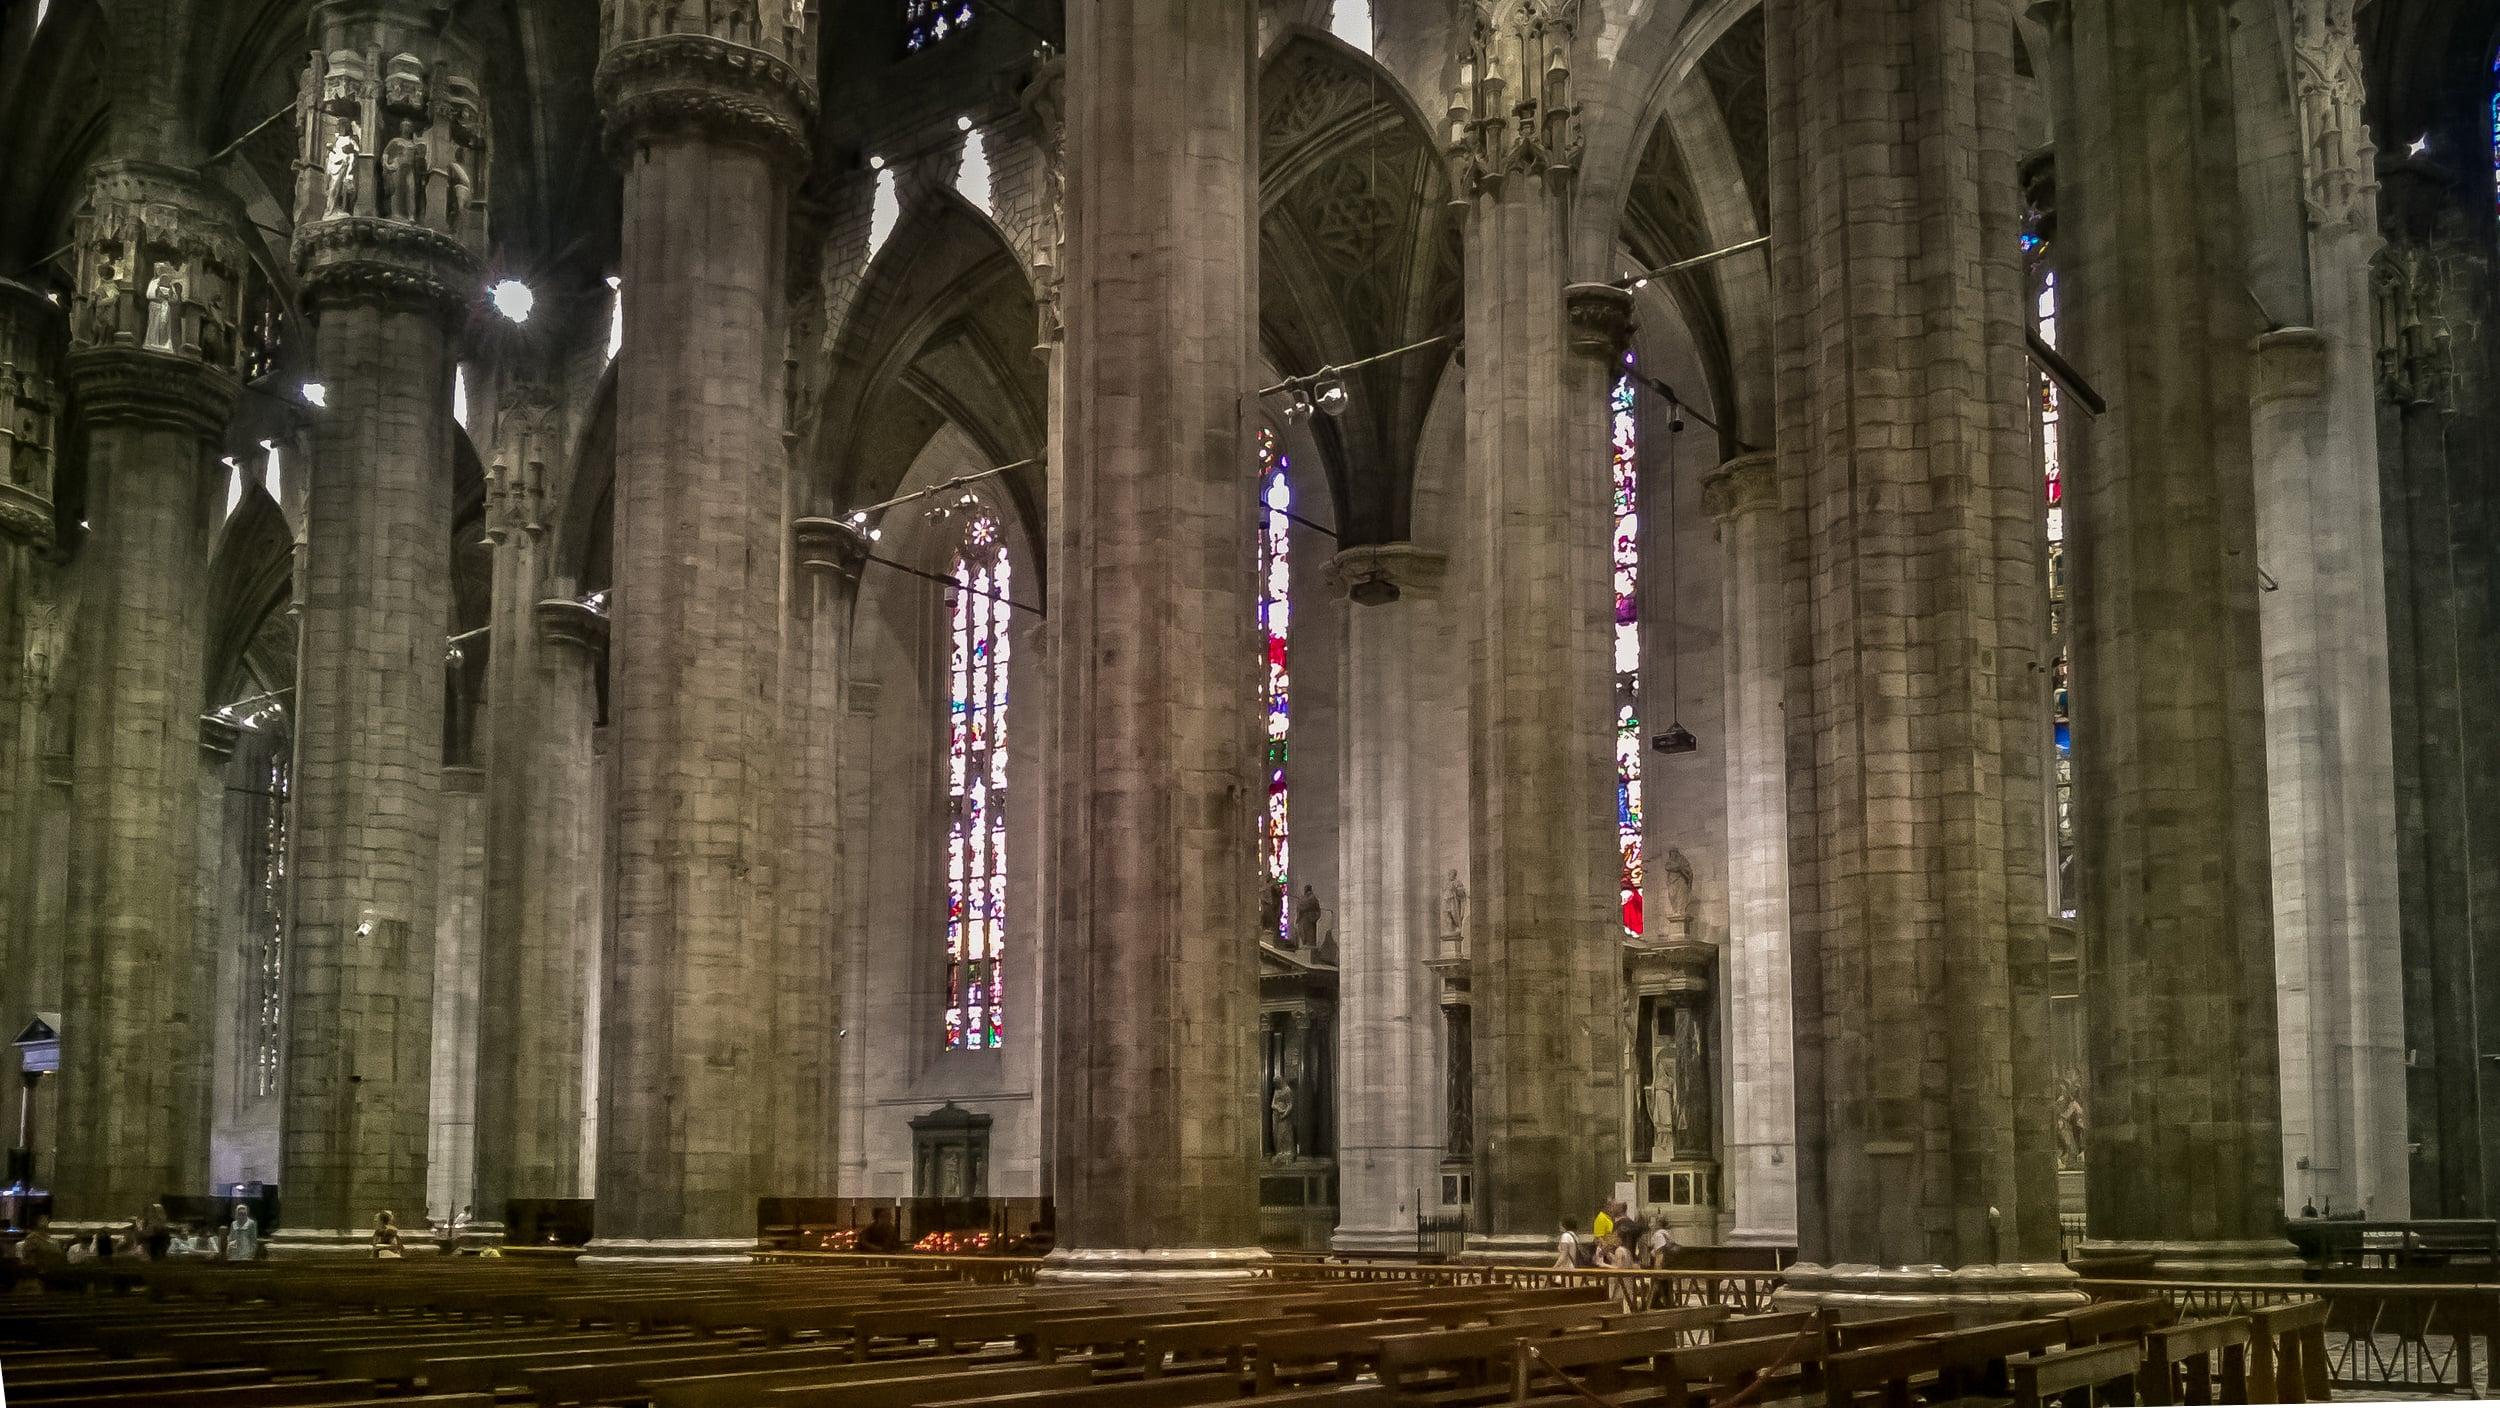 Massive Pillars